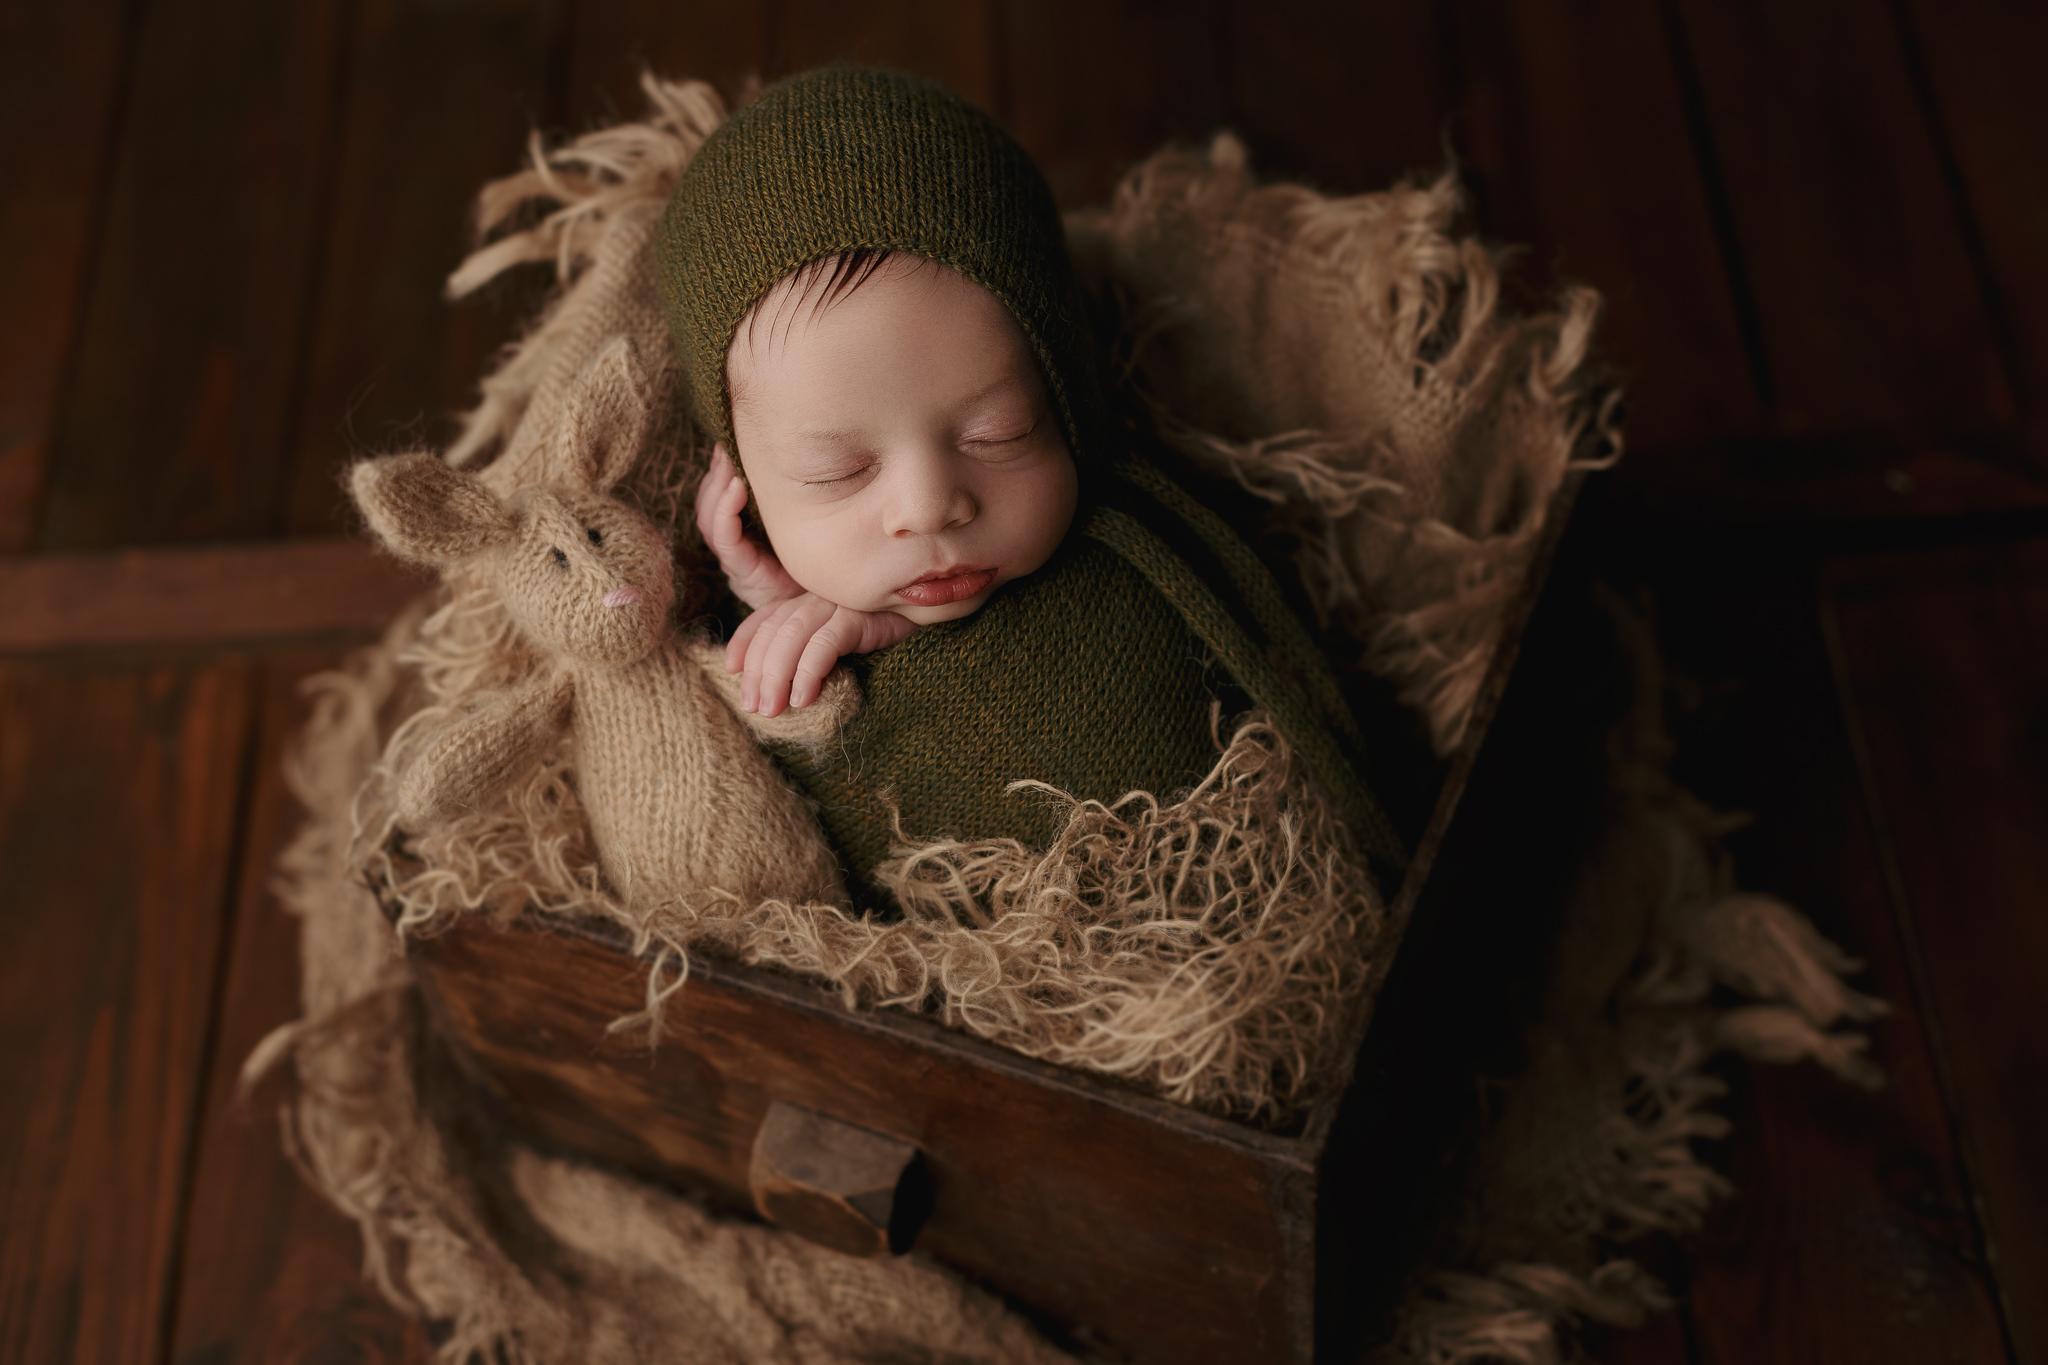 Babyfotograf Newborn Fotografie Erlensee Frankfurt Hanau Offenbach Neugeborenenfotografie Baby Fotograf